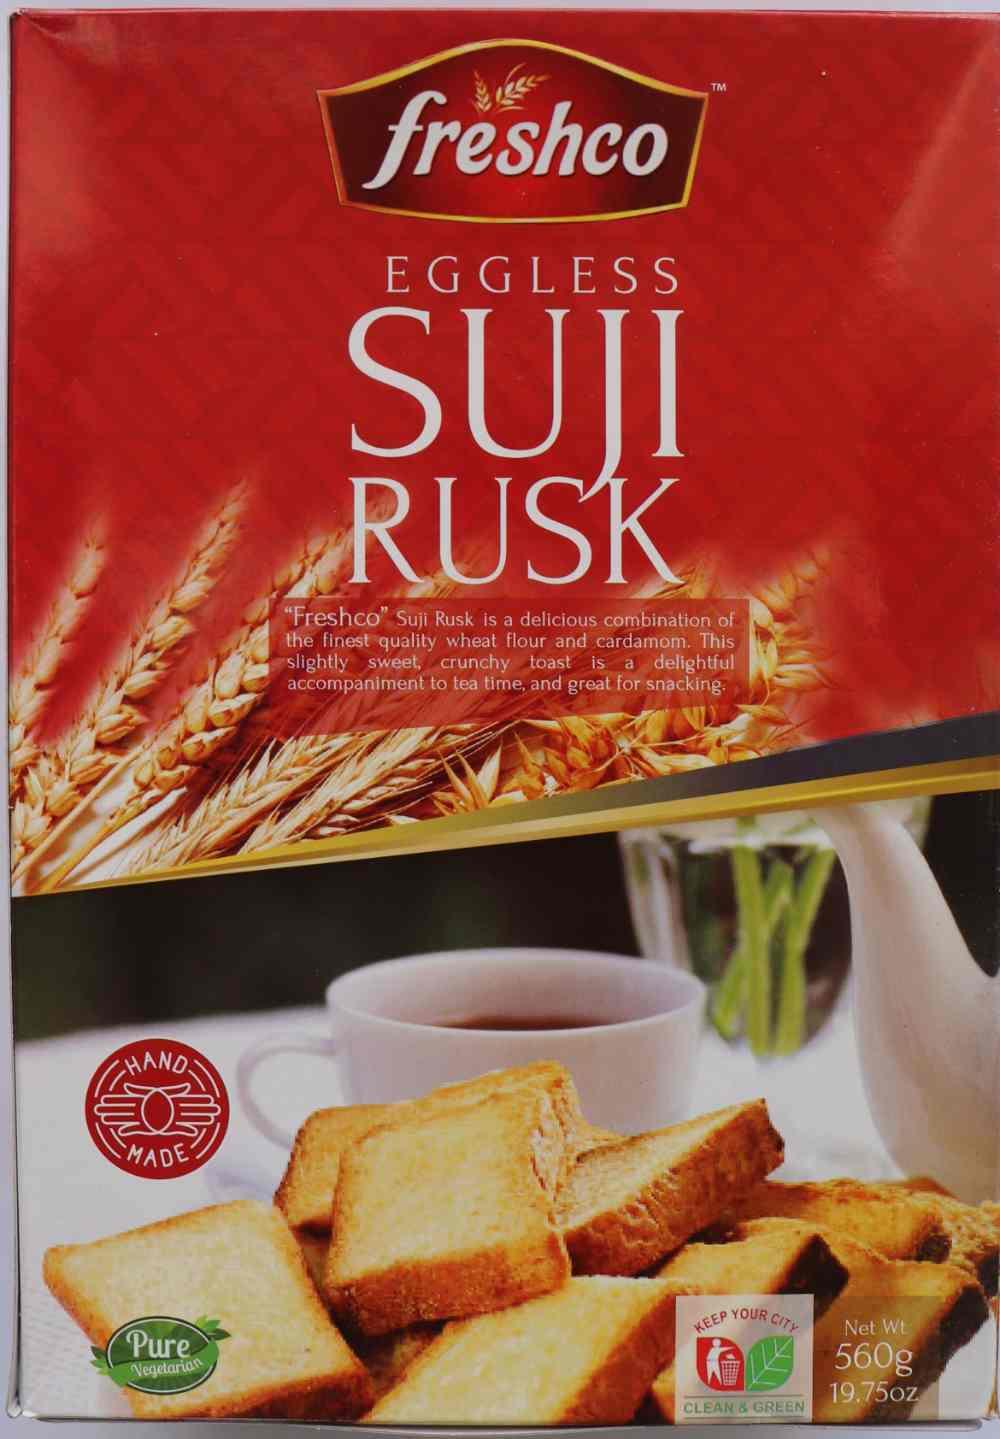 Freshco Suji Rusk 560g